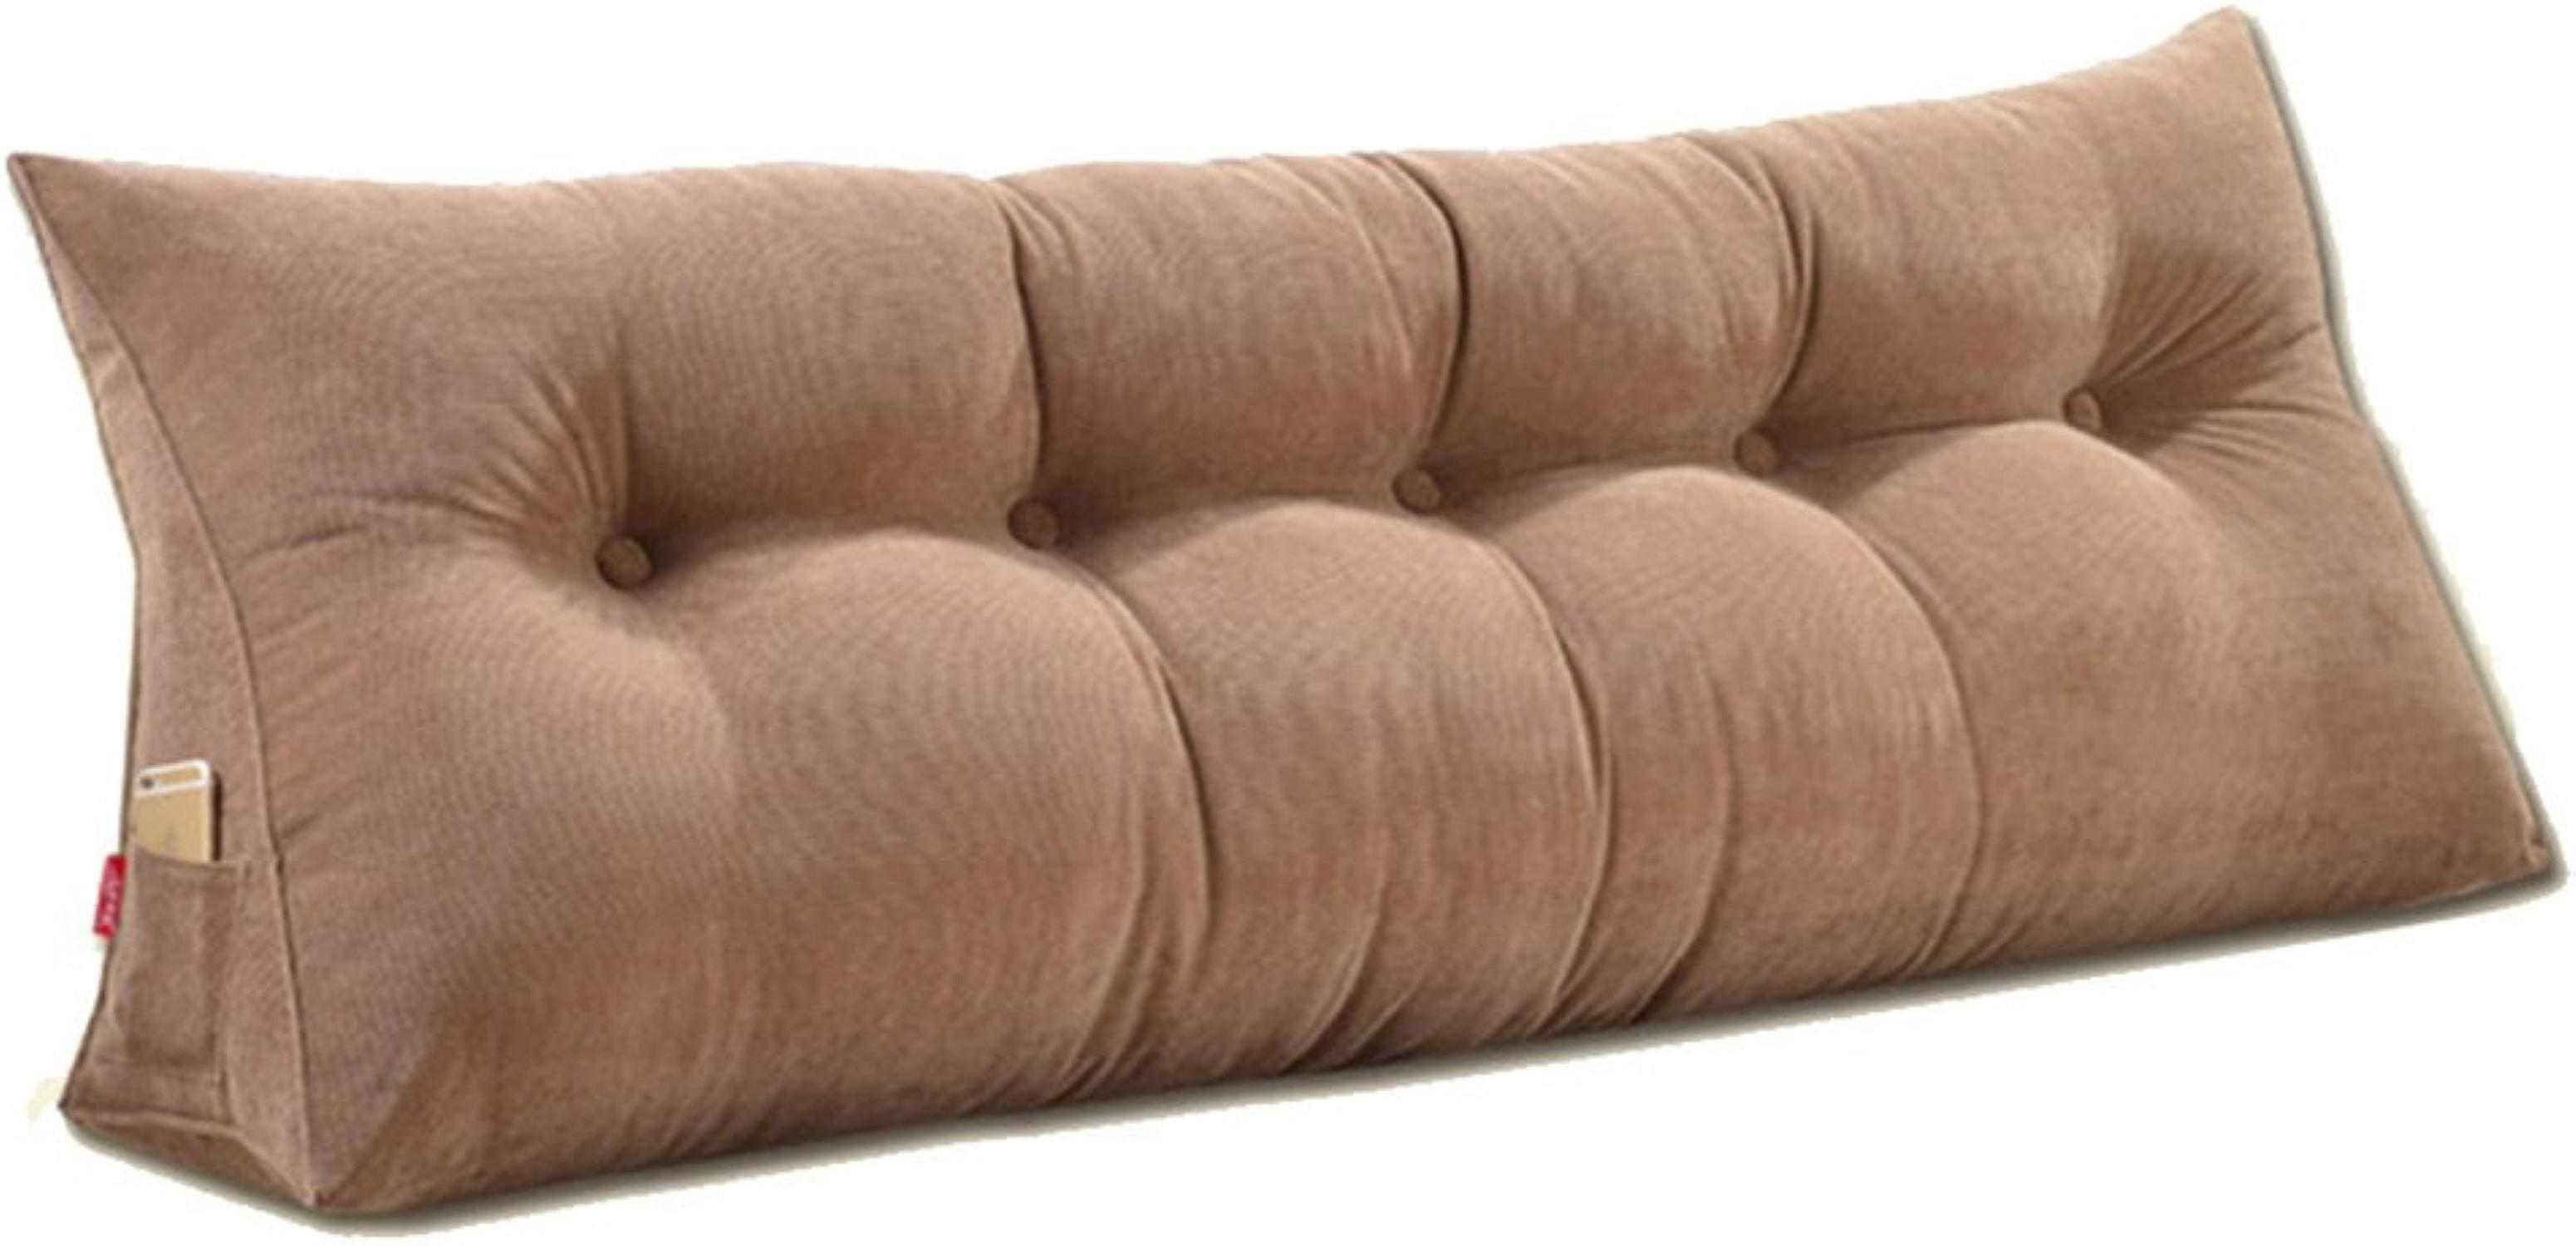 KD Coussin de chevet triangle triangle grand canapé arrière coussin oreiller lombaire boucle d'oreiller facile à laver multi-fonction, 5 couleurs, 6 tailles home (Couleur   marron, Taille   100×50×20cm)